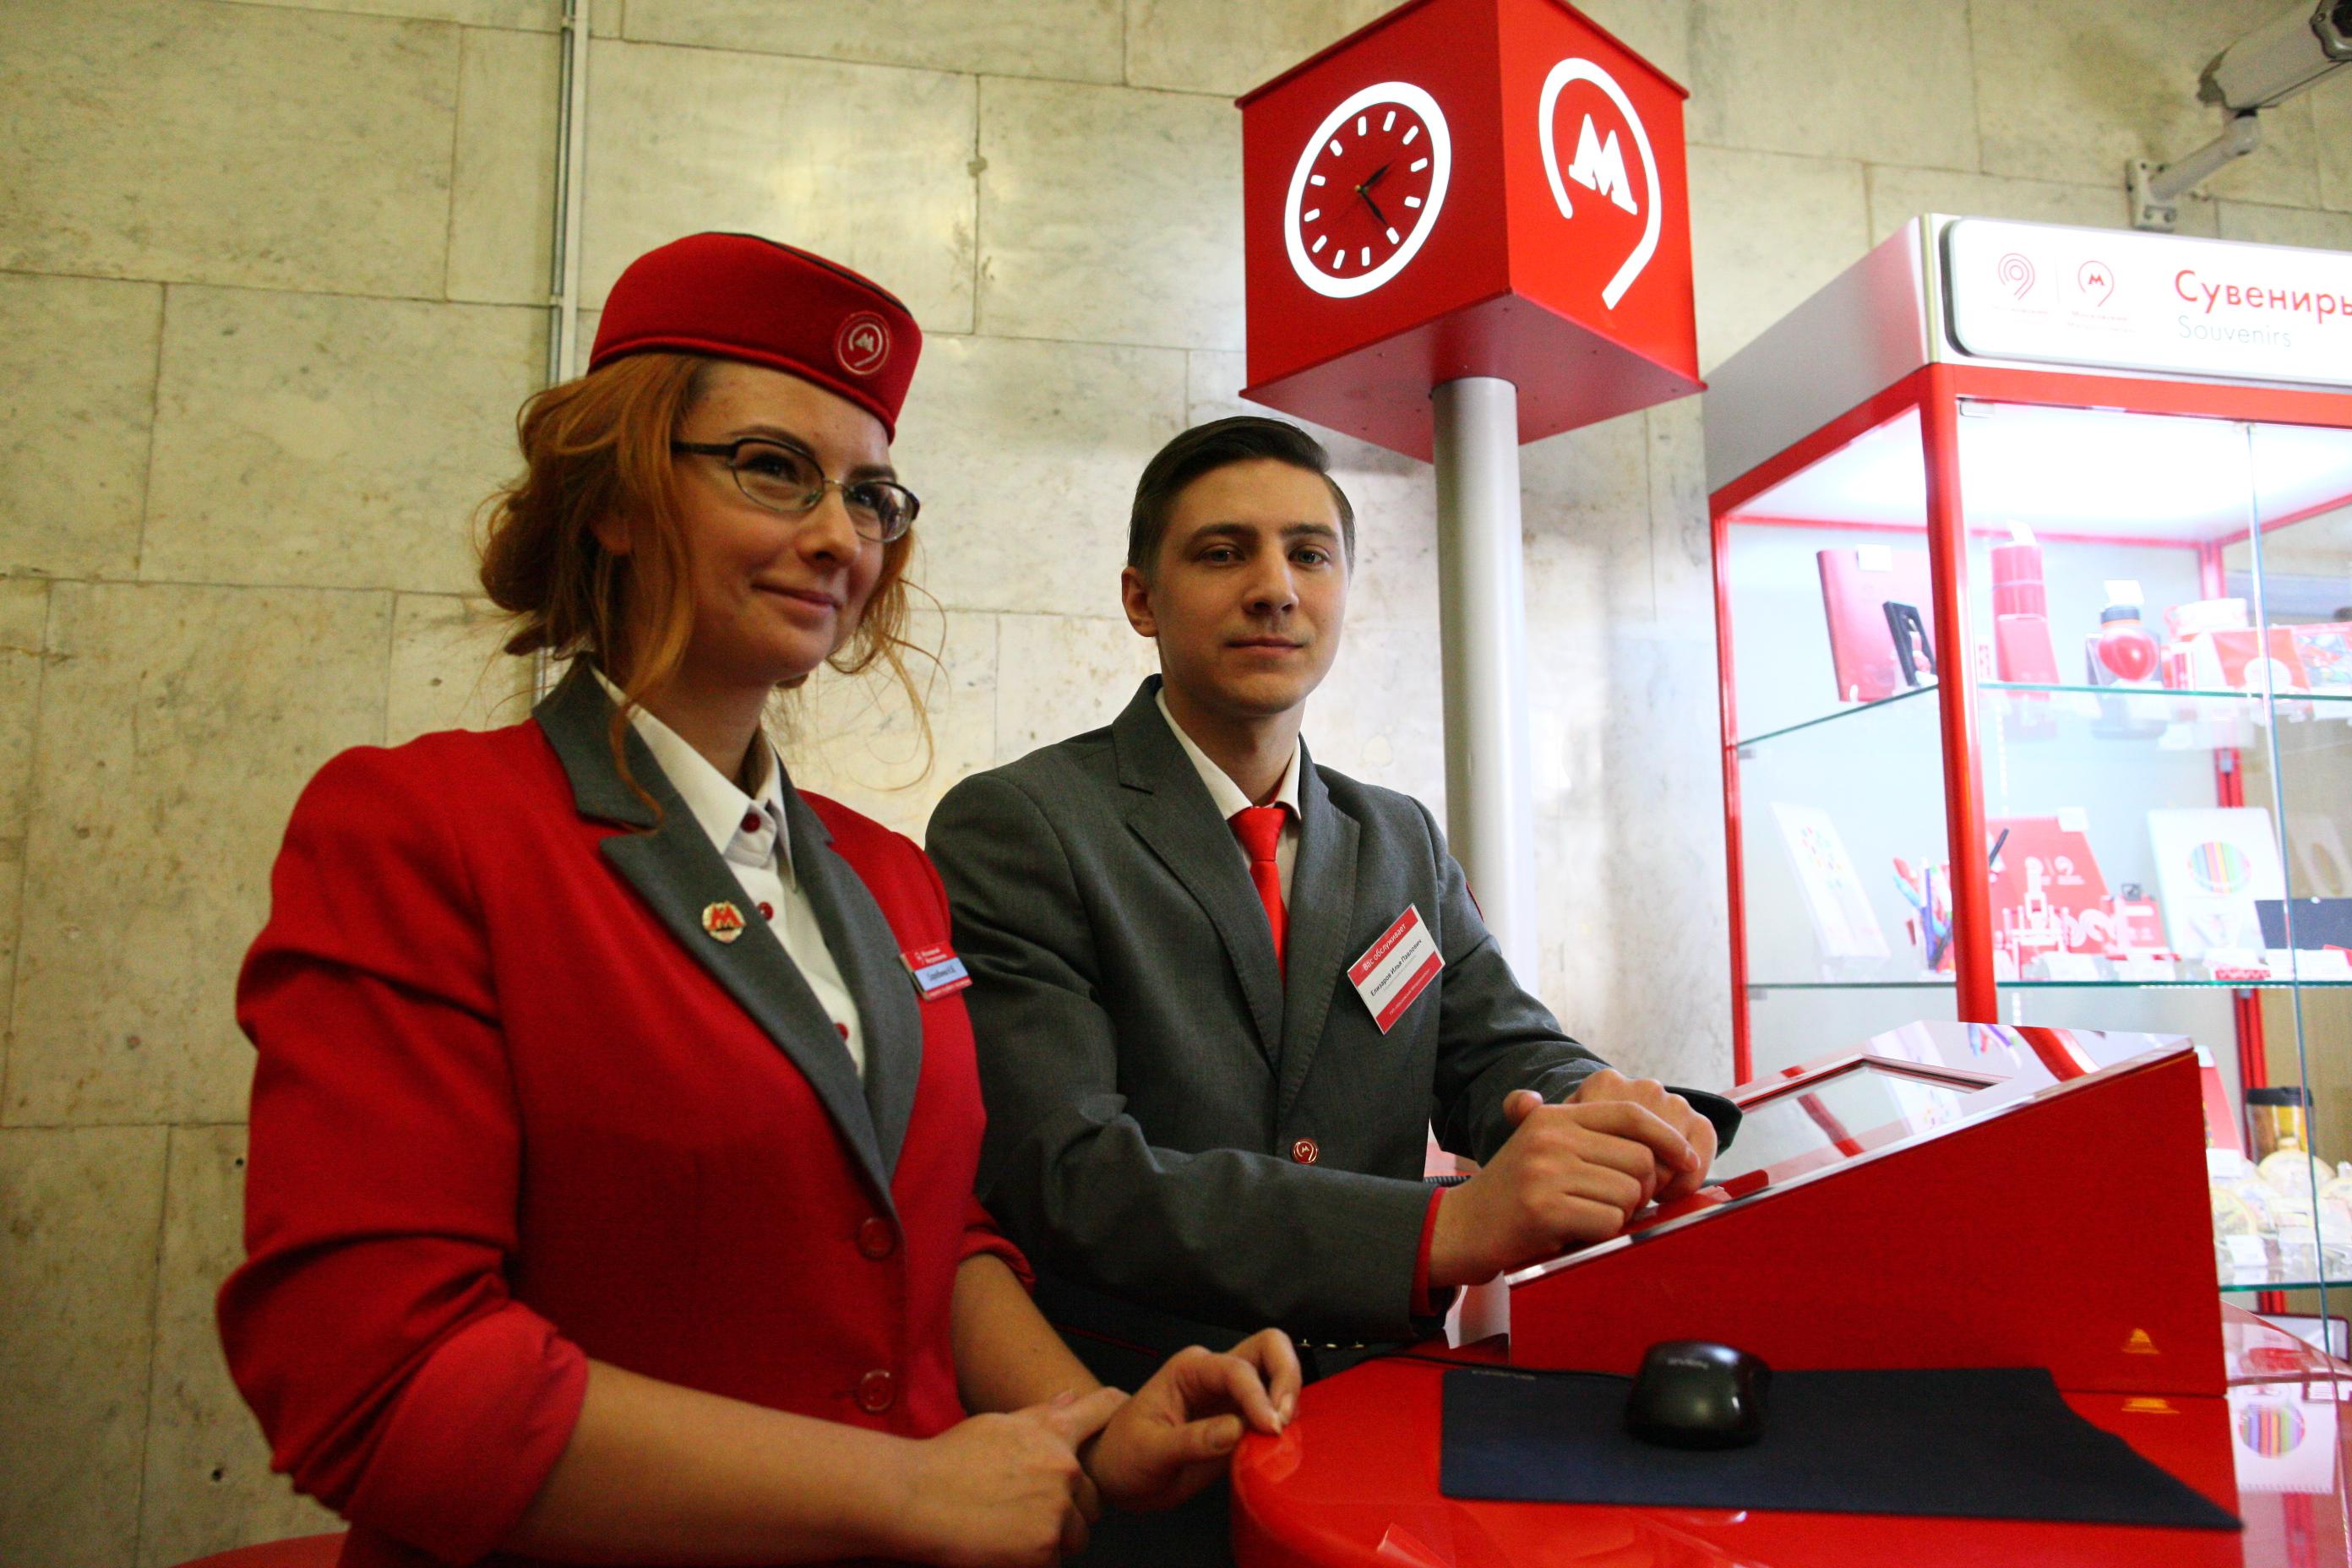 Браслеты «Тройка-Москвенок» поступили в сувенирные магазины метро Москвы